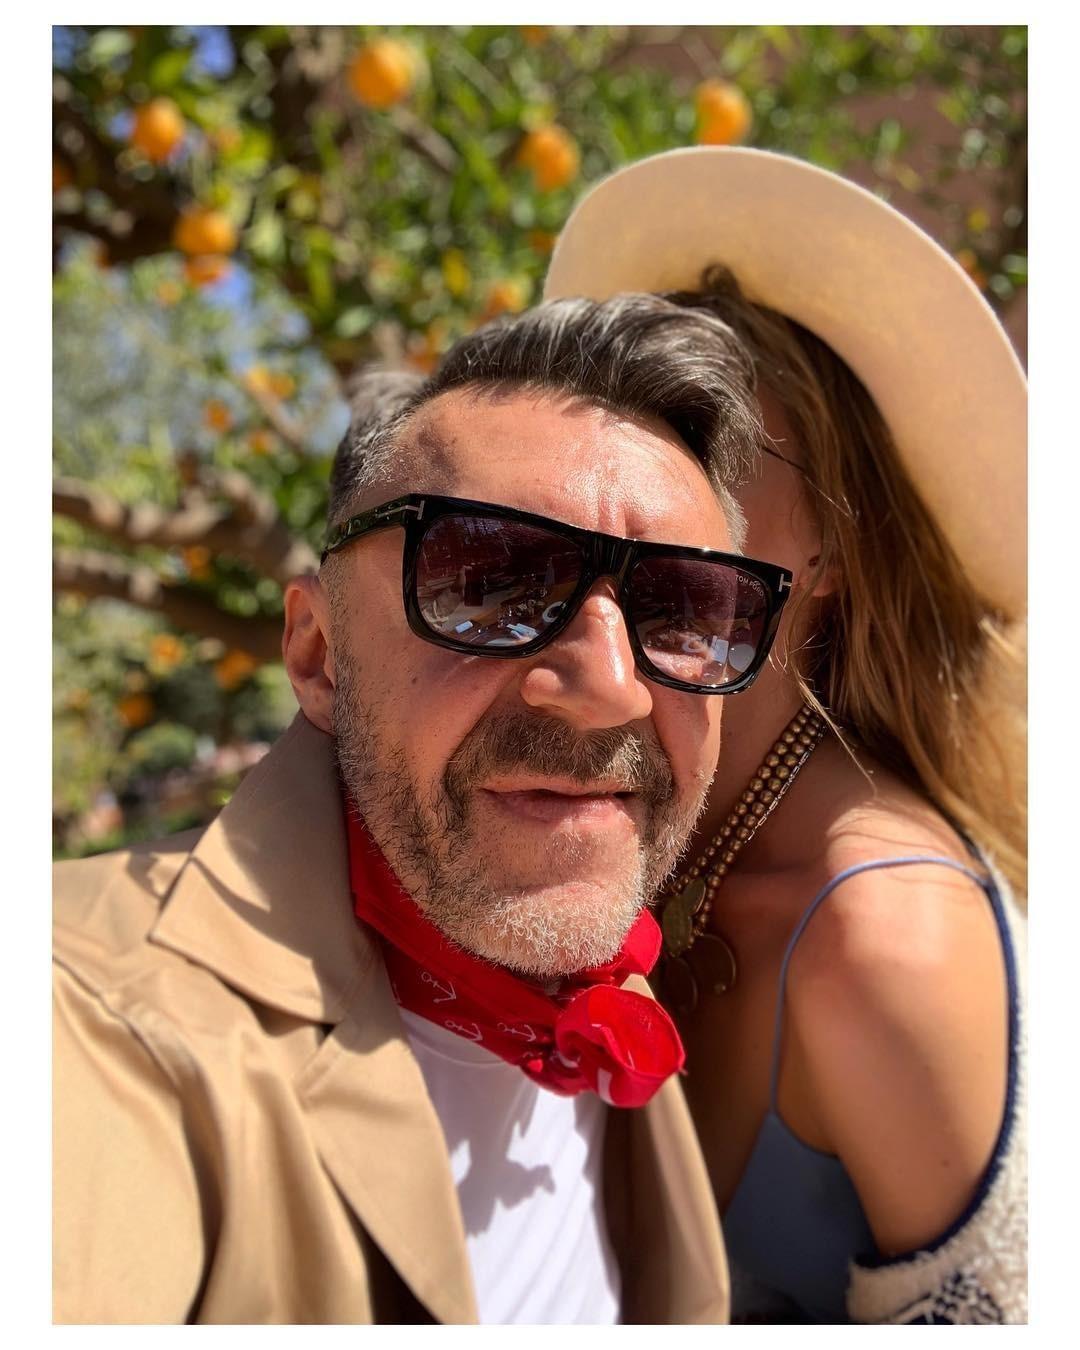 По мнению Марианны Абравитовой, впереди Сергея Шнурова ждет интересная, насыщенная событиями жизнь - это касается илюбовного фронта. Музыкант покарме ипо судьбе должен ибудет иметь бо...